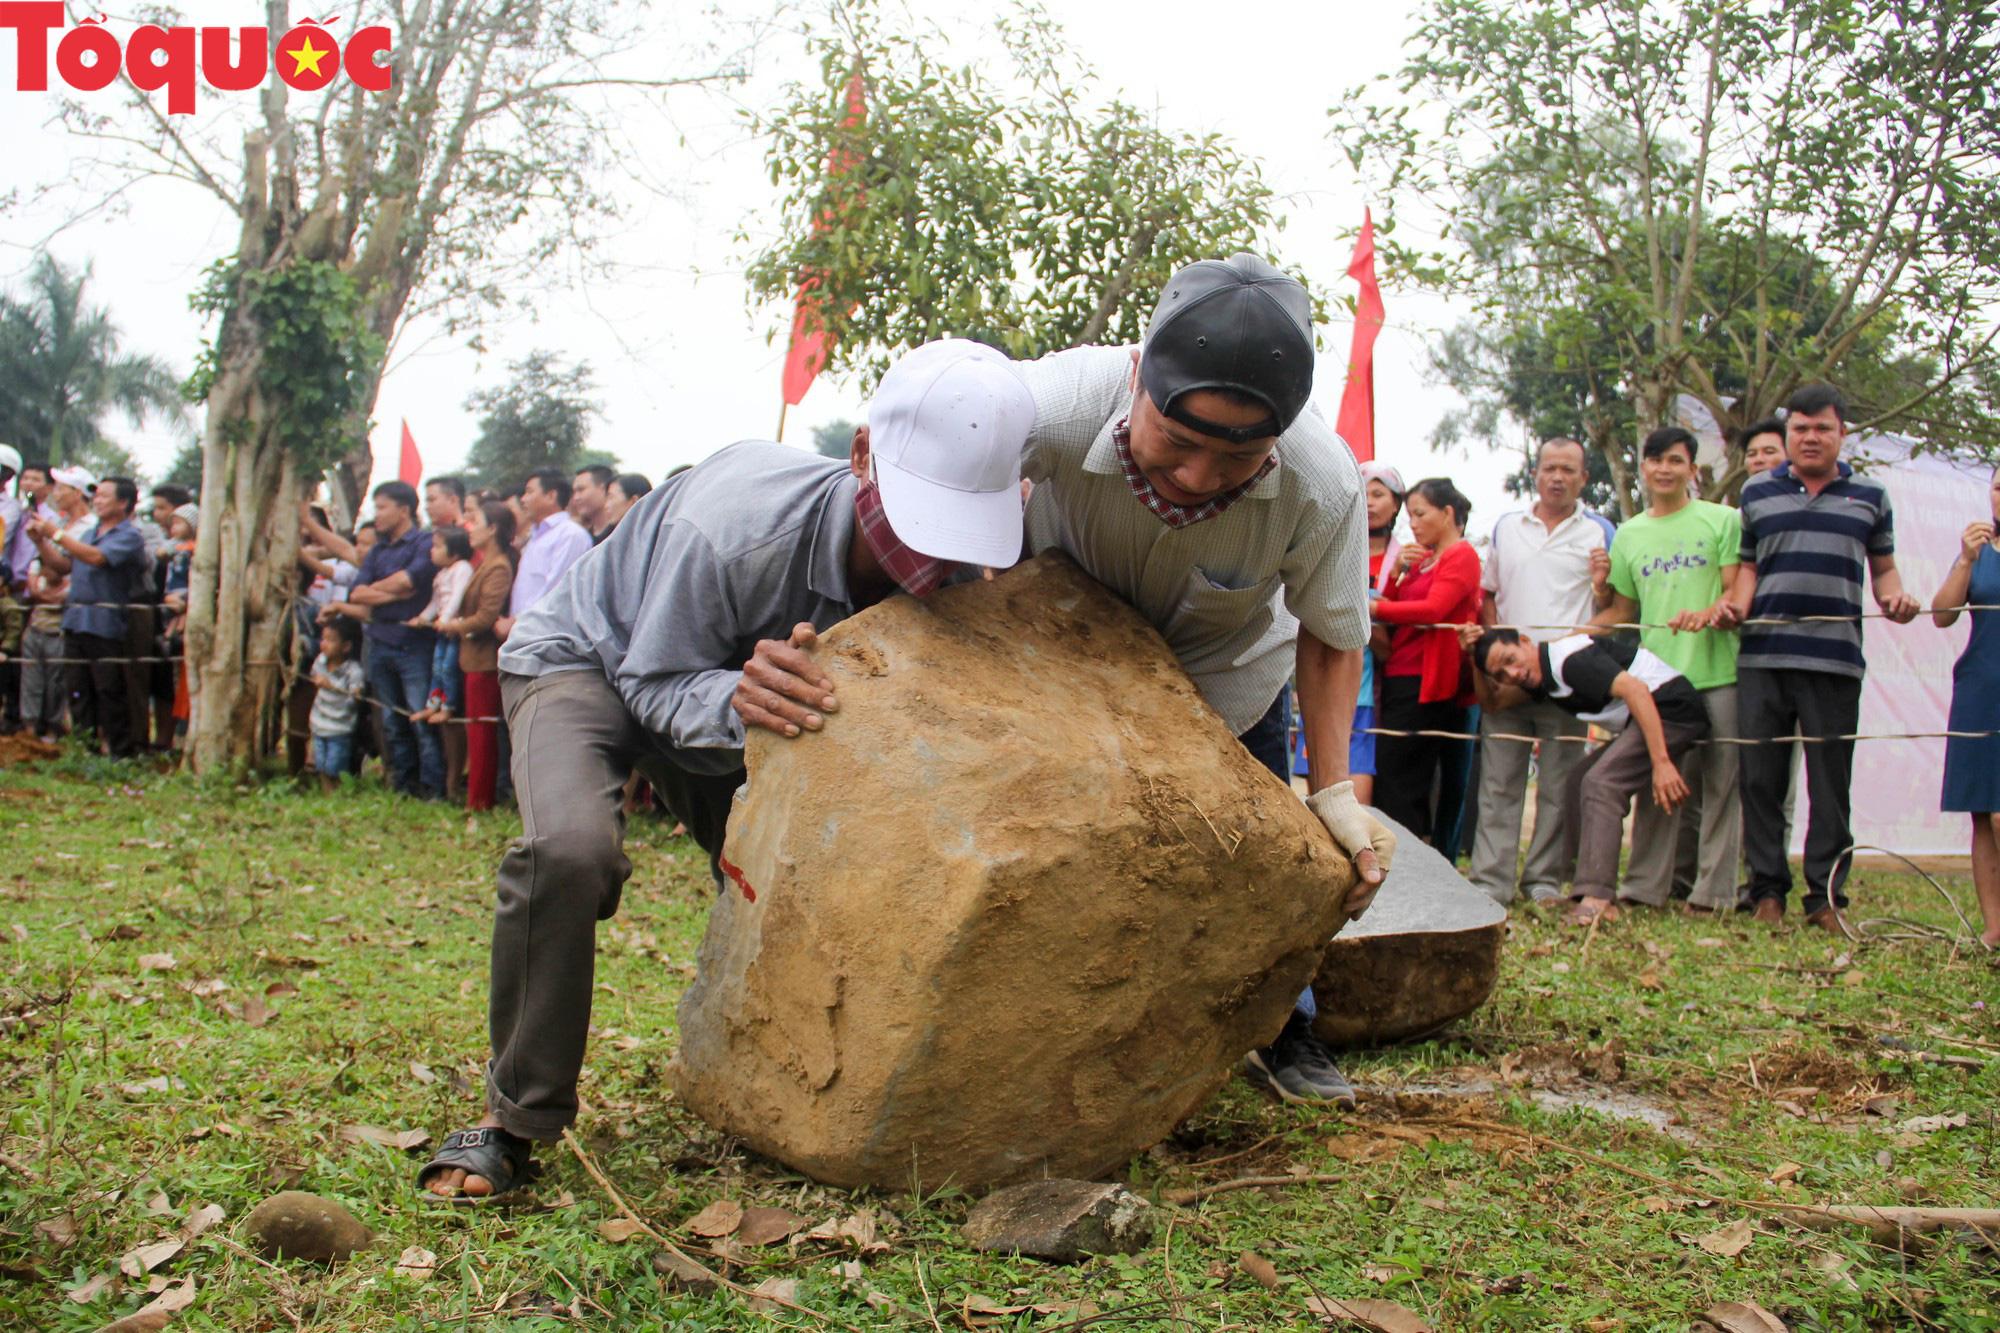 Độc đáo hội thi chẻ đá mồ côi ở Quảng Trị - Ảnh 3.